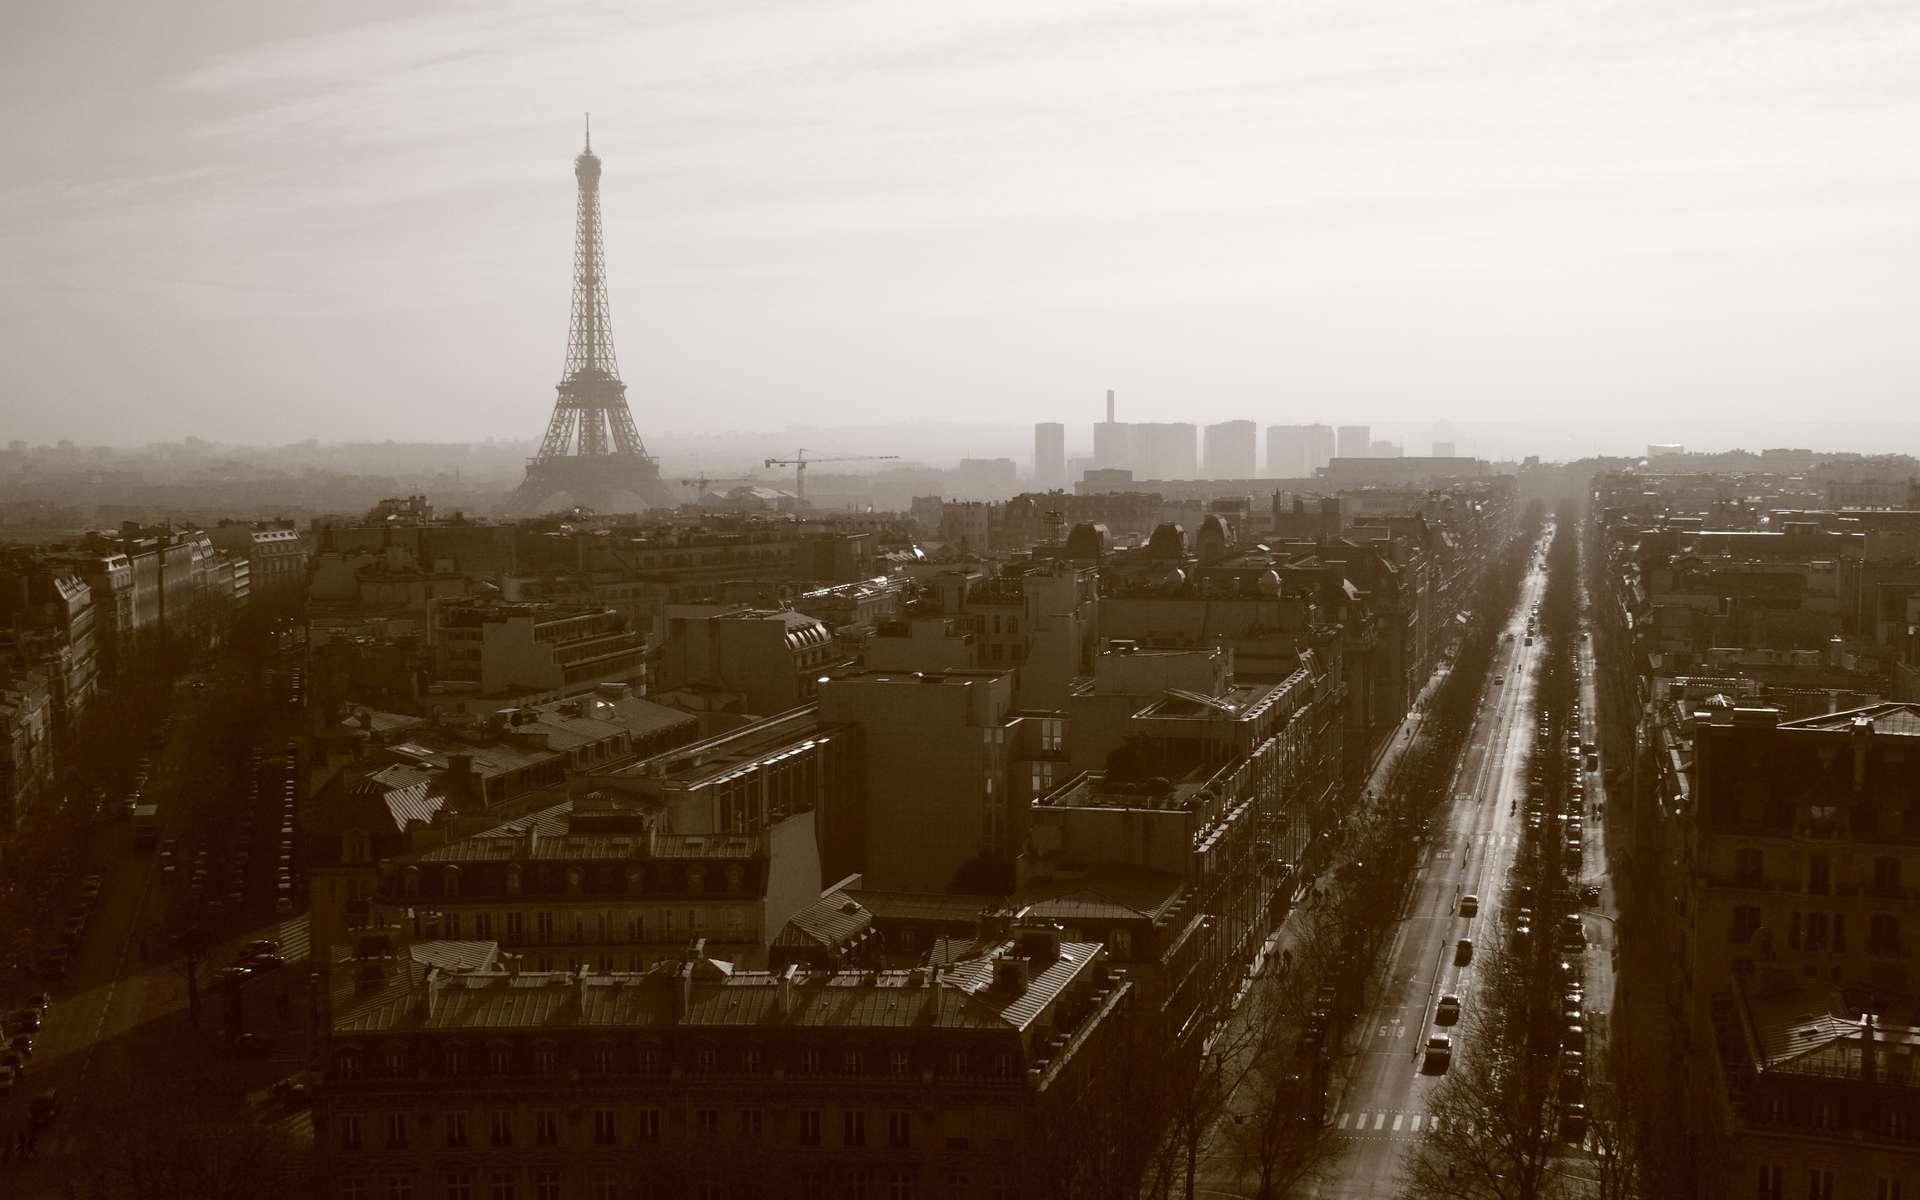 Les nanotubes de carbone présents dans les poumons des enfants se trouvent ailleurs dans la capitale. © Evan Bench, Flickr, CC by 2.0